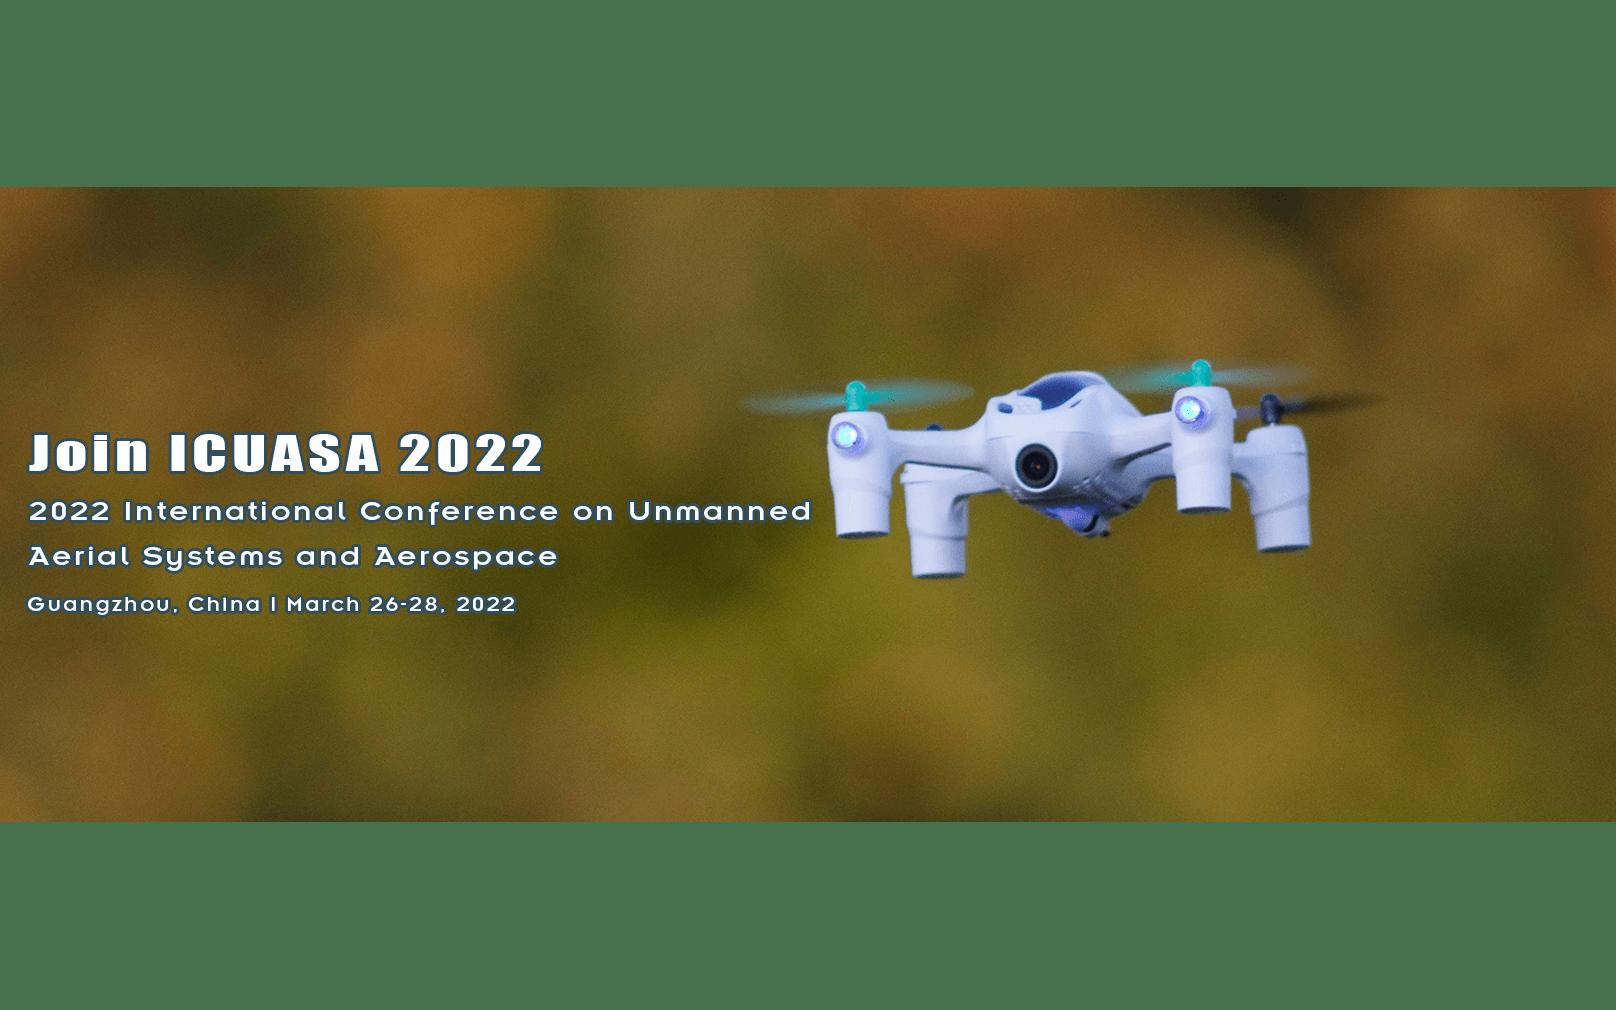 【EI检索】2022年无人航空系统与航空航天国际会议(ICUASA 2022)